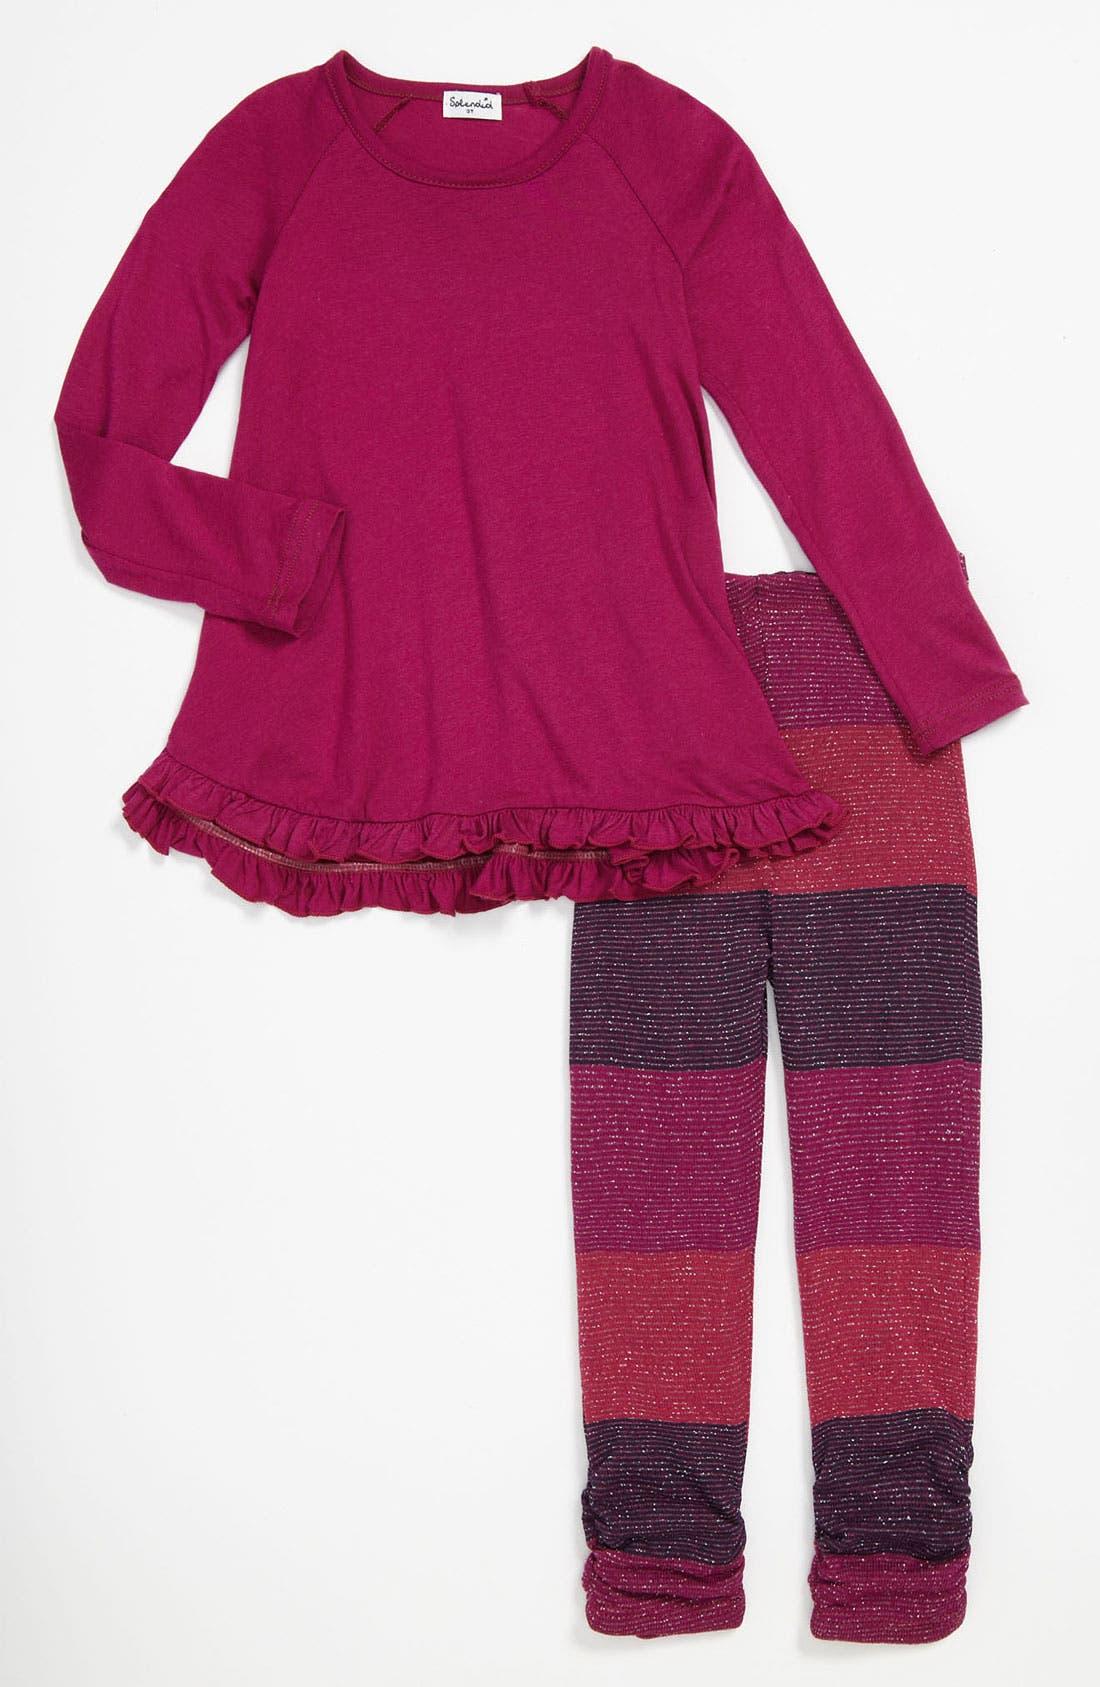 Main Image - Splendid Shimmer Stripe Tunic & Leggings (Toddler)